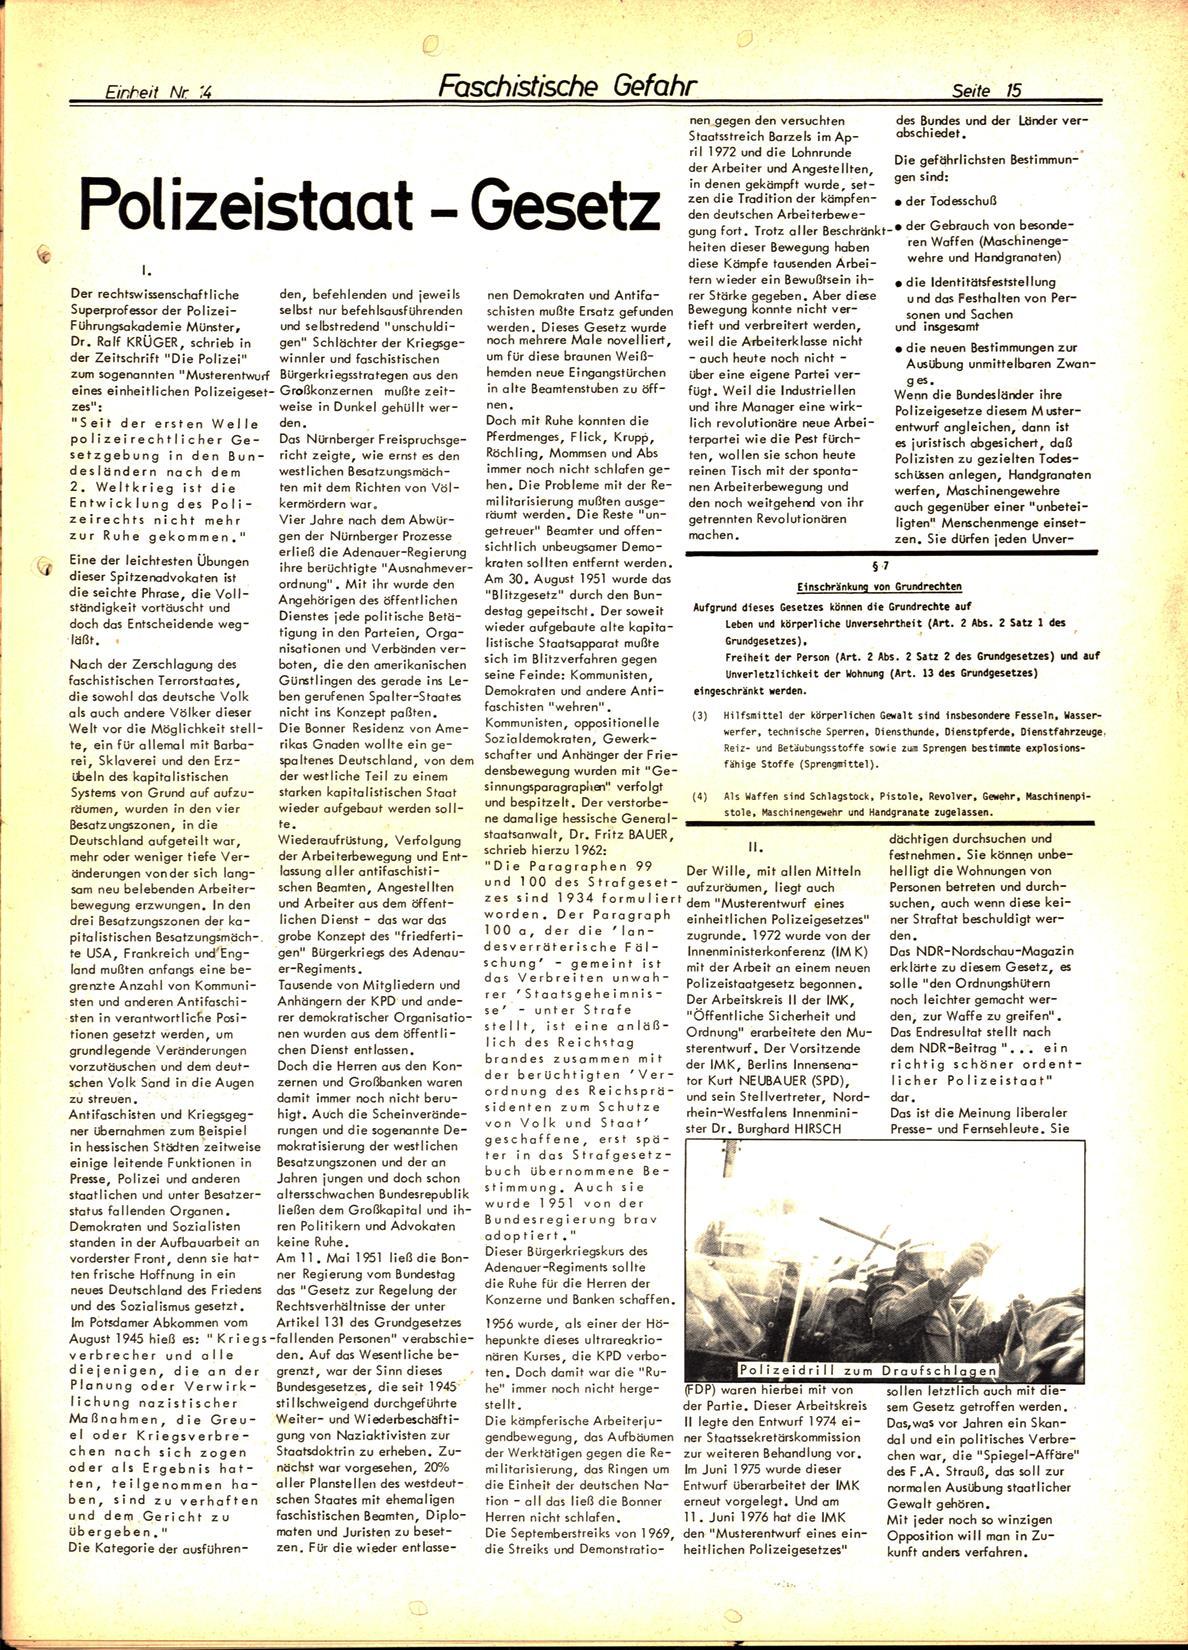 Koeln_IPdA_Einheit_1977_014_015